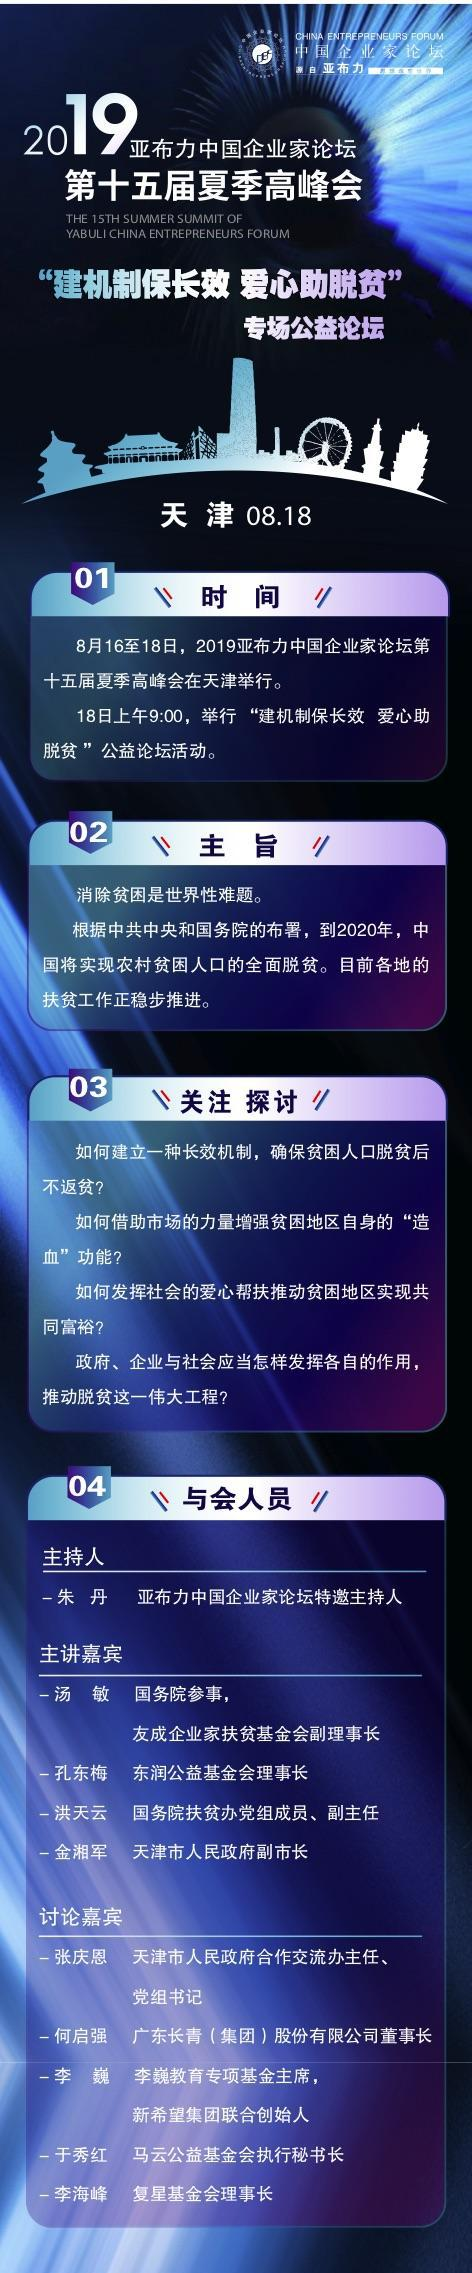 2019亚布力中国企业家论坛 大咖云集天津 纵论脱贫攻坚